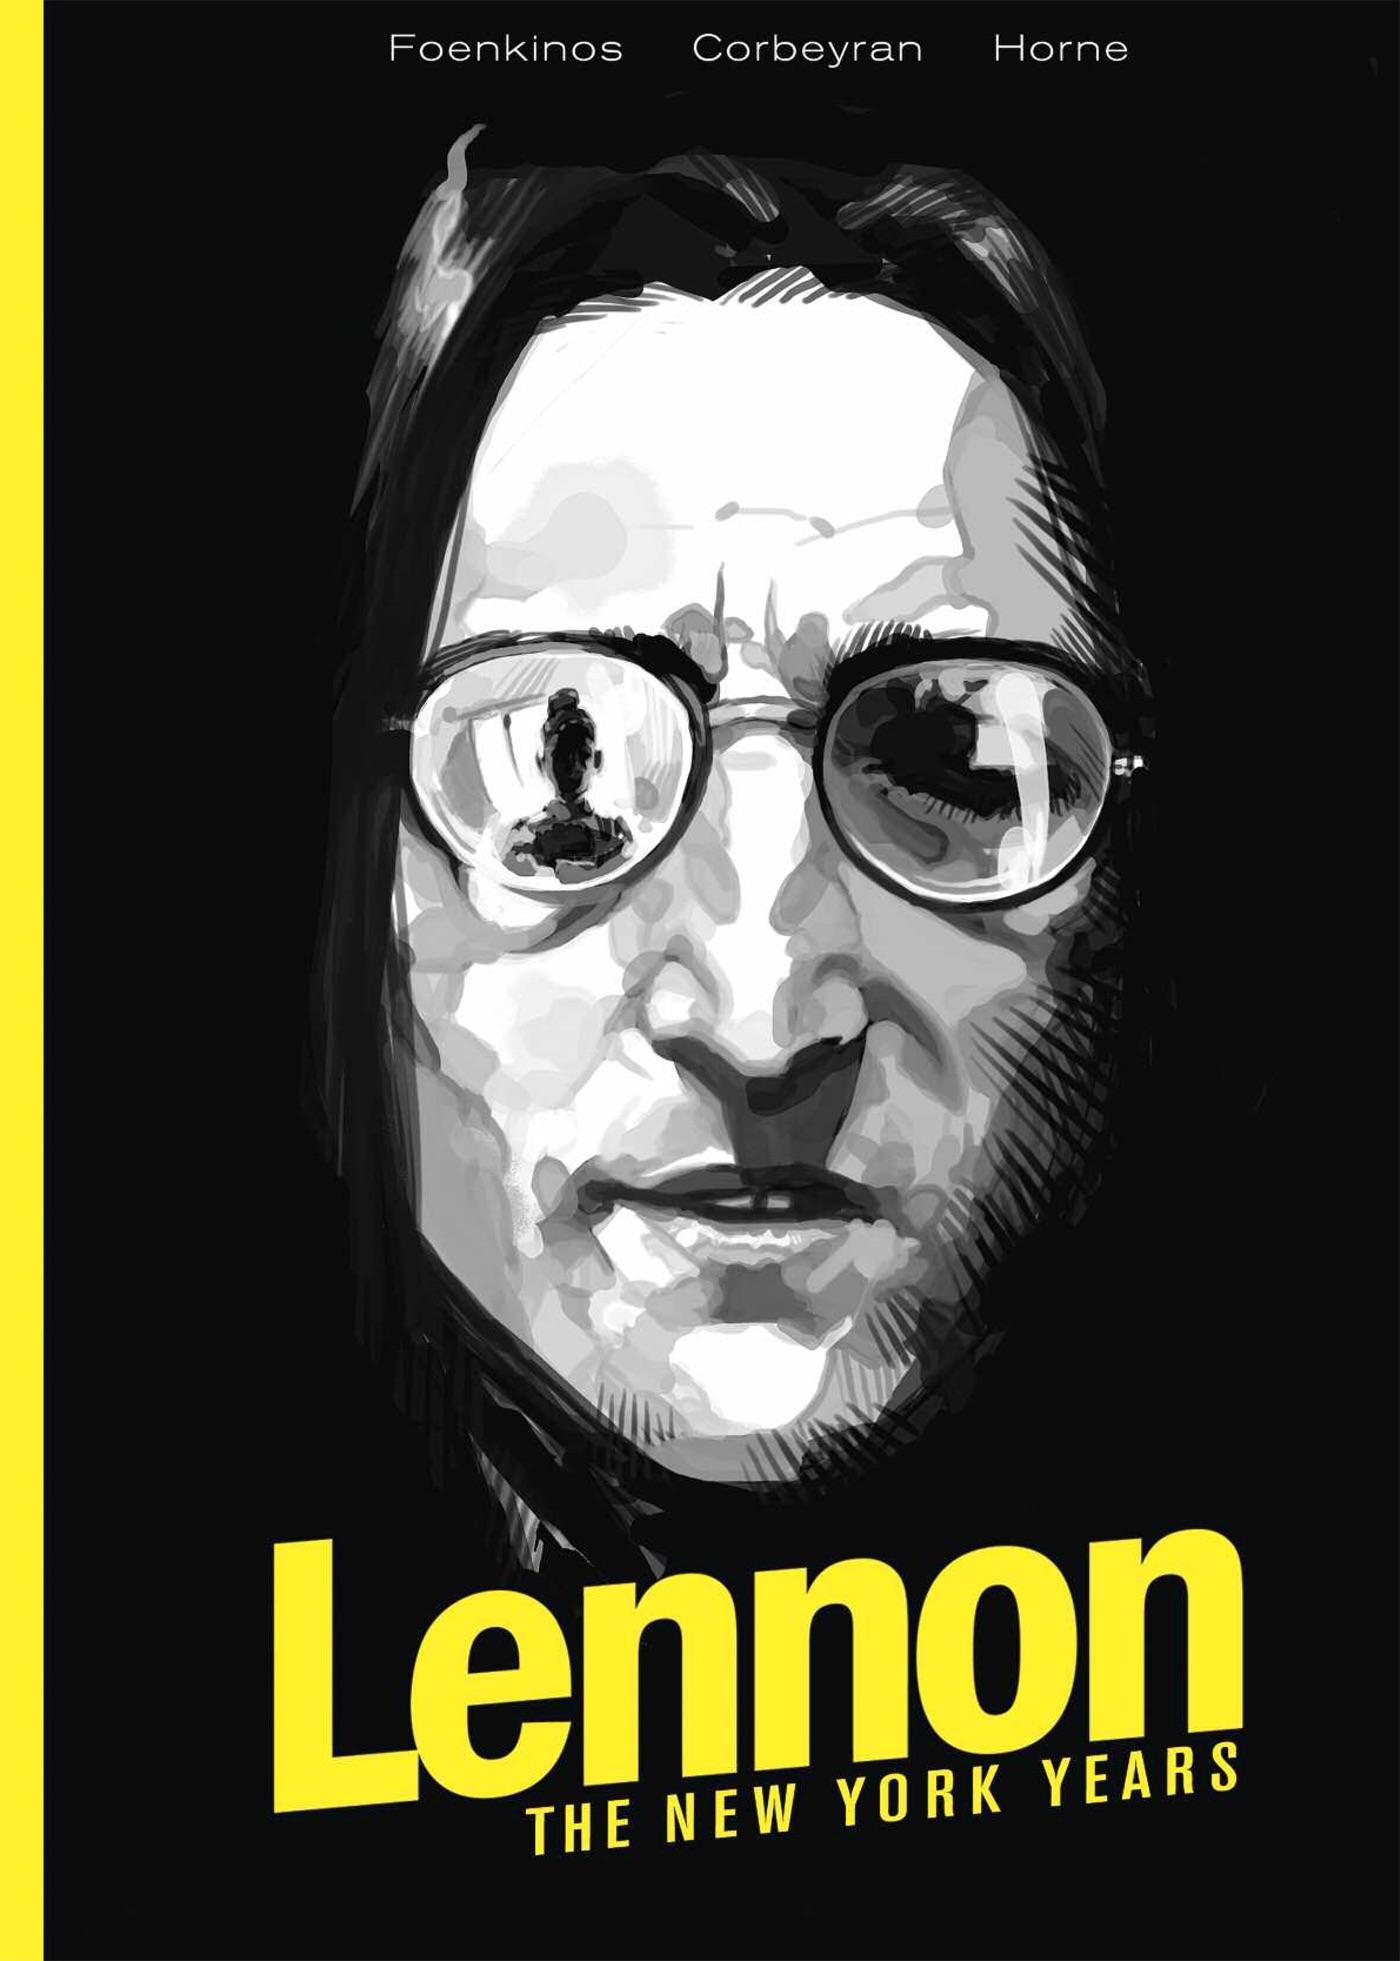 lennon hc cvr prh Graphic novel recounting John Lennons New York years previewed in new trailer    watch